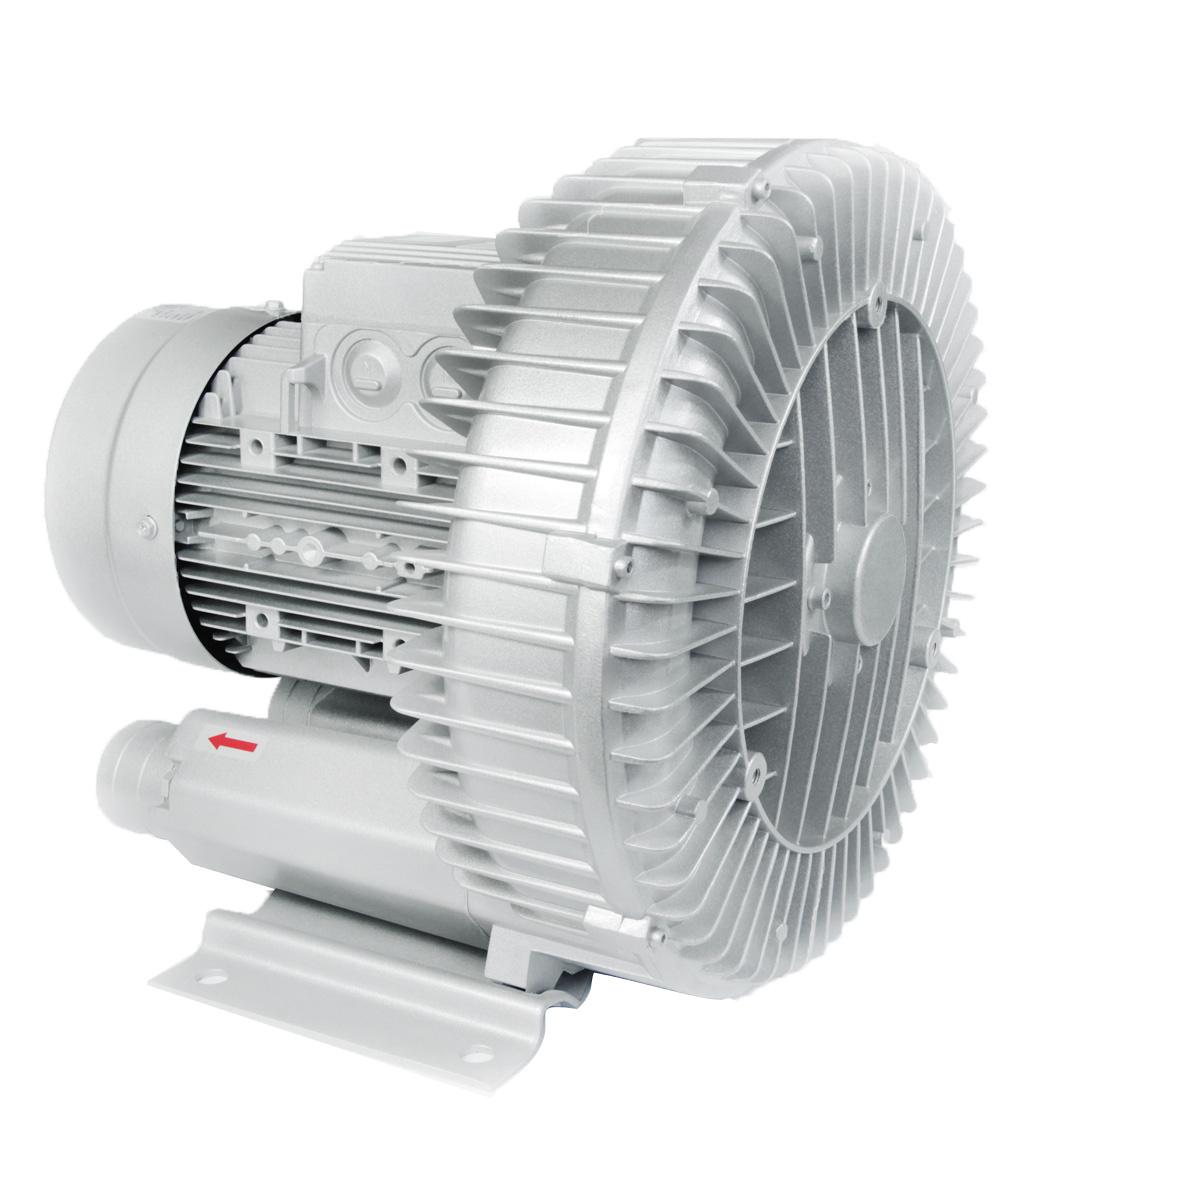 [Hot Item] China Vendor Regenerative Vacuum Pump for Bottle Filling  Equipment